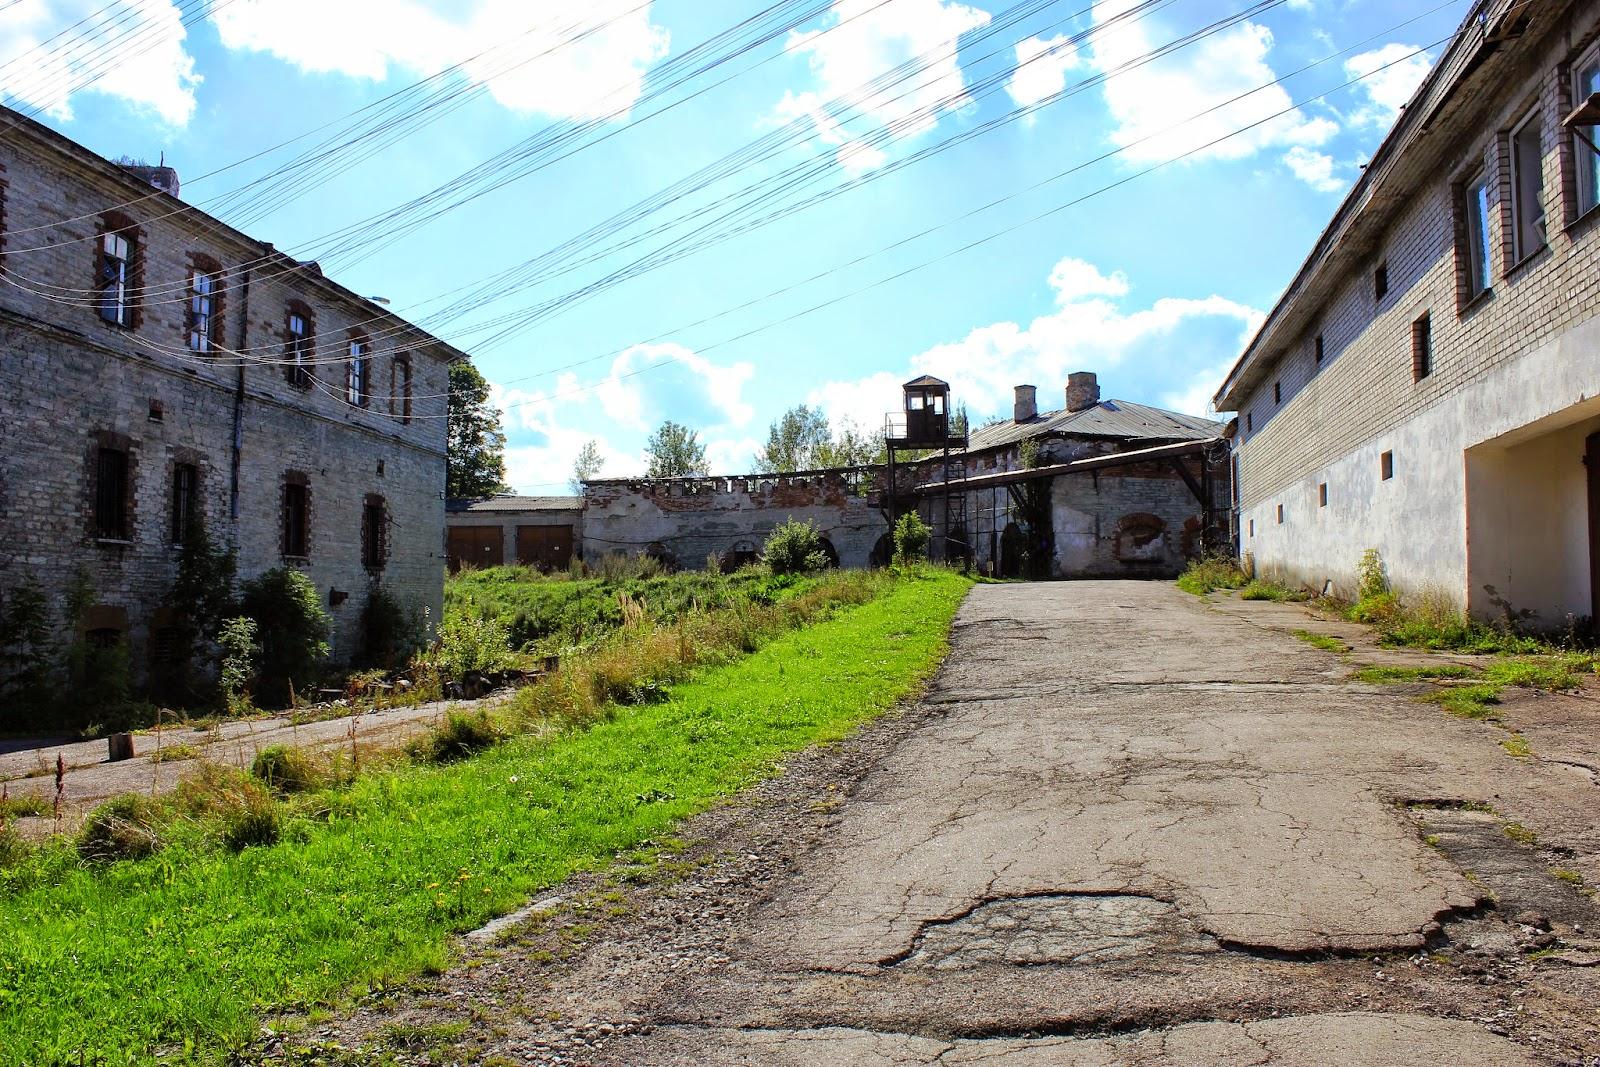 Nieczynne Więzienie nad wybrzeżem w Tallinnie